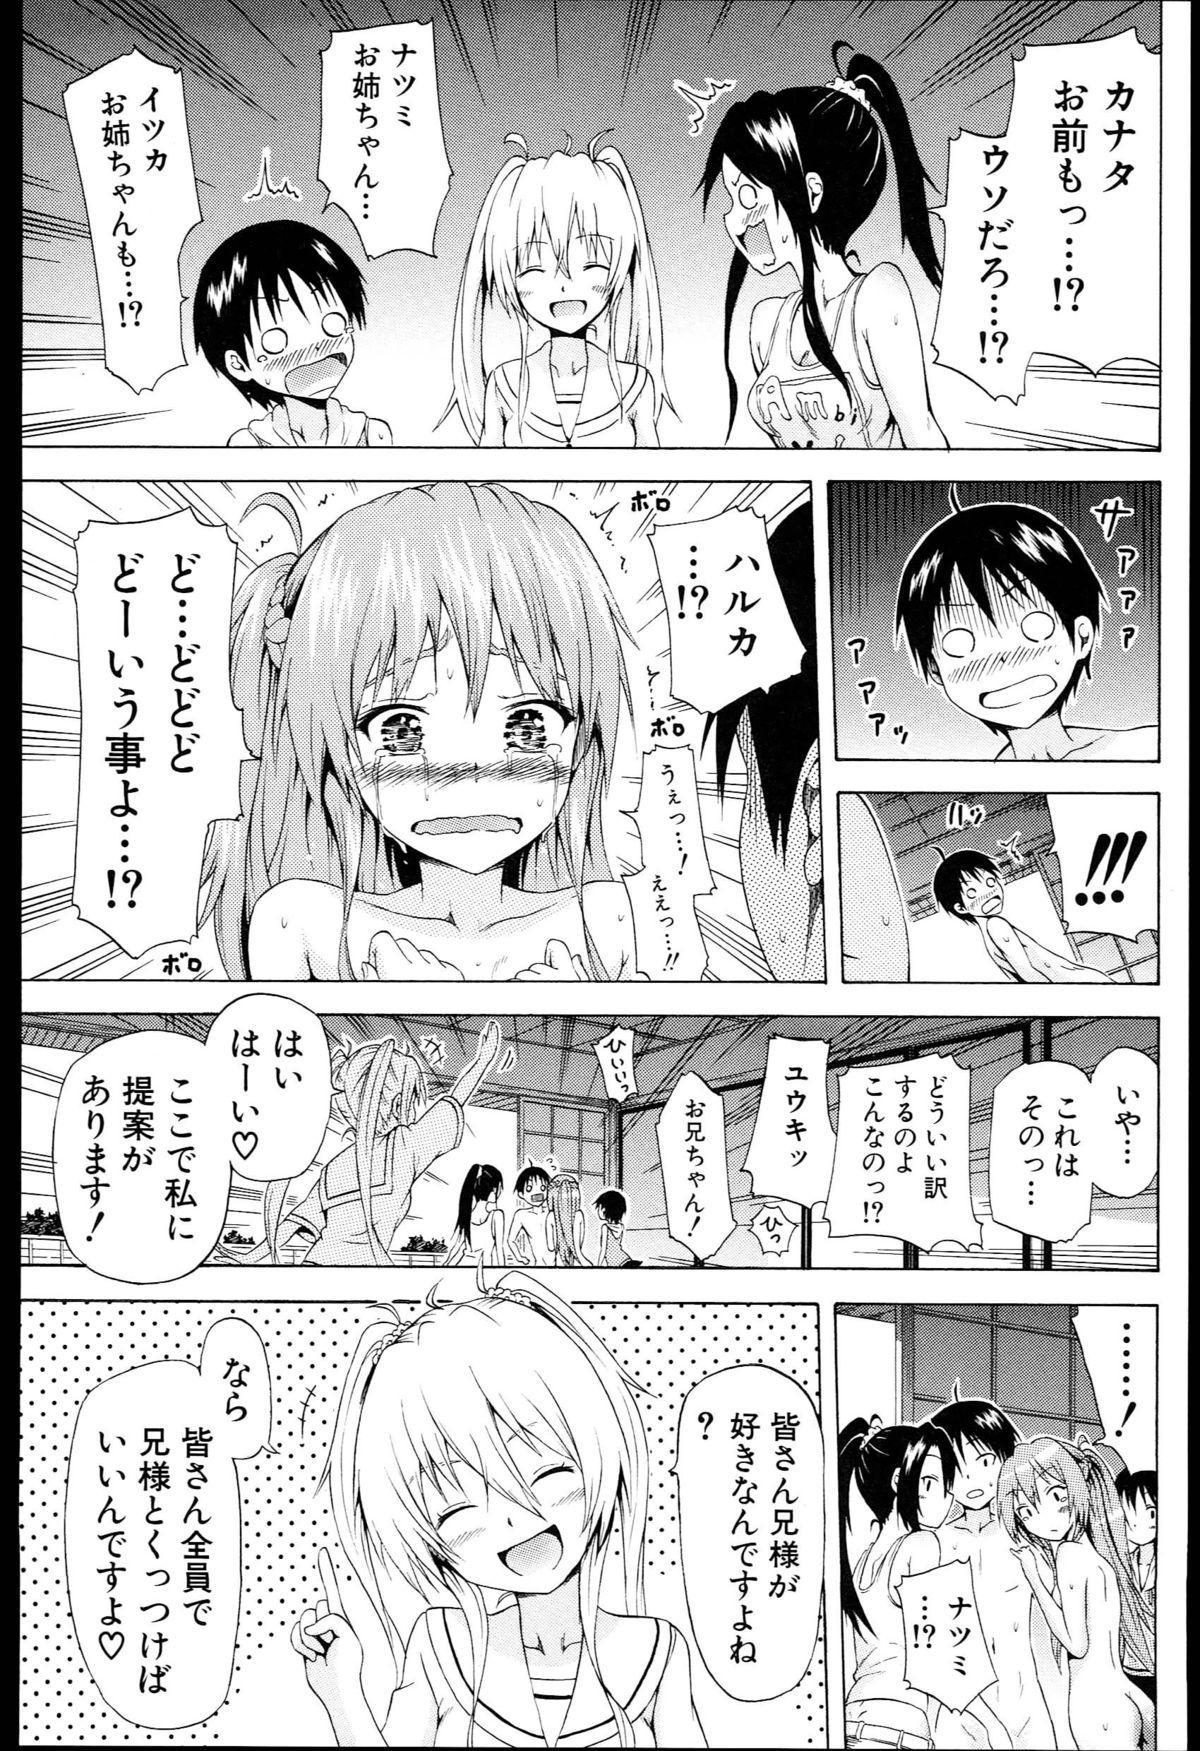 Natsumitsu x Harem + Melonbooks Gentei Shousasshi 159